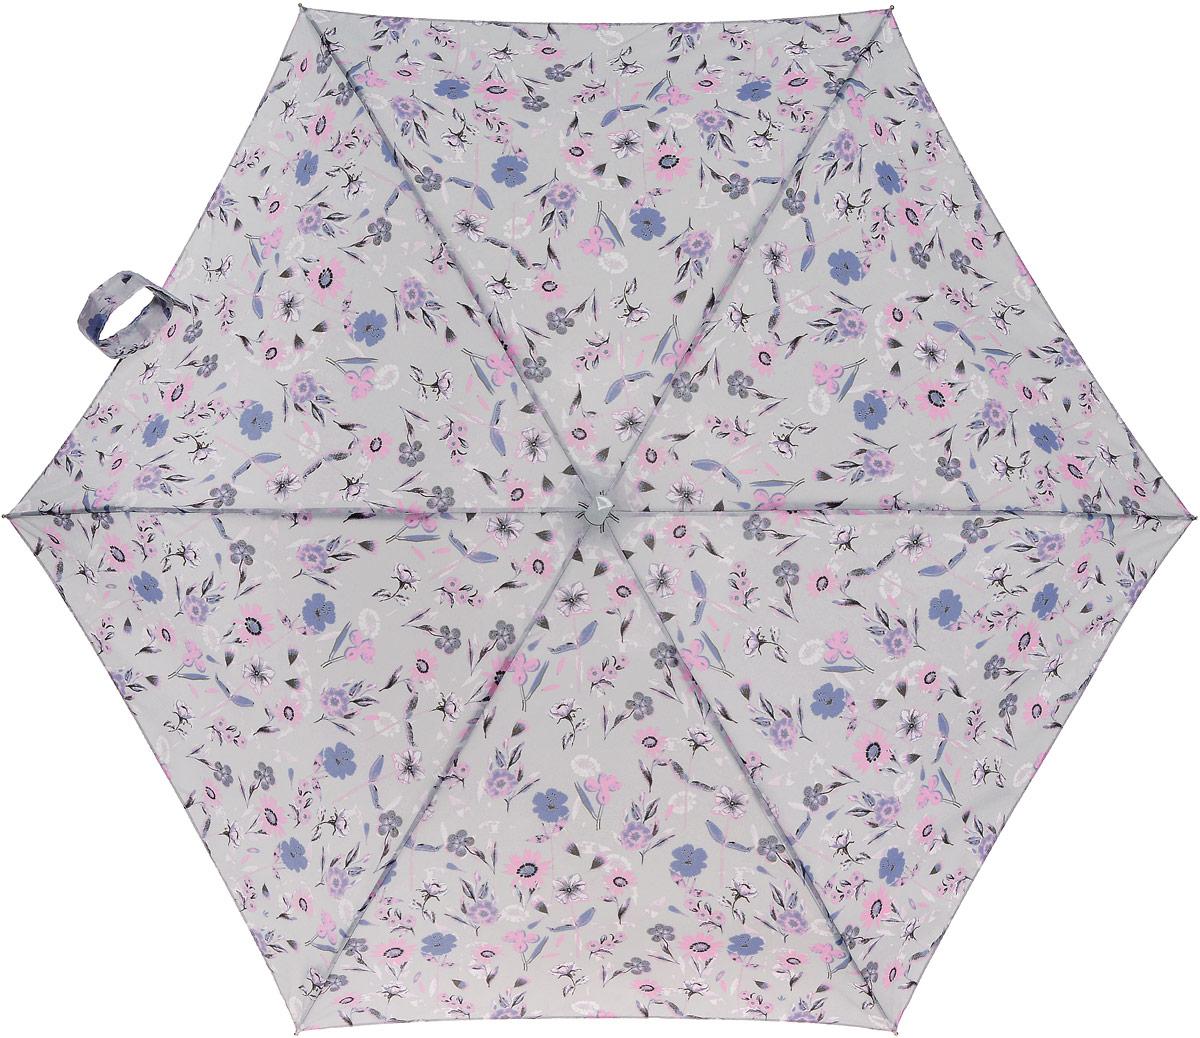 Зонт женский Fulton Tiny, механический, 5 сложений, цвет: светло-серый, мультиколор. L501-2814L501-2814 PaperFlowersСтильный механический зонт Fulton Tiny в 5 сложений даже в ненастную погоду позволит вам оставаться элегантной. Каркас зонта выполнен из 6 спиц из фибергласса и алюминия, стержень также изготовлен из алюминия, удобная рукоятка - из каучука. Купол зонта выполнен из прочного полиэстера. В закрытом виде застегивается хлястиком на липучке. Яркий оригинальный цветочный рисунок поднимет настроение в дождливый день. Зонт механического сложения: купол открывается и закрывается вручную до характерного щелчка. На рукоятке для удобства есть небольшой шнурок, позволяющий надеть зонт на руку тогда, когда это будет необходимо. К зонту прилагается чехол с дополнительной впитывающей подкладкой, что защитит одежду и сумку от влаги. Чехол дополнен небольшой металлической деталью с названием бренда. Такой зонт компактно располагается в кармане, сумочке, дверке автомобиля.